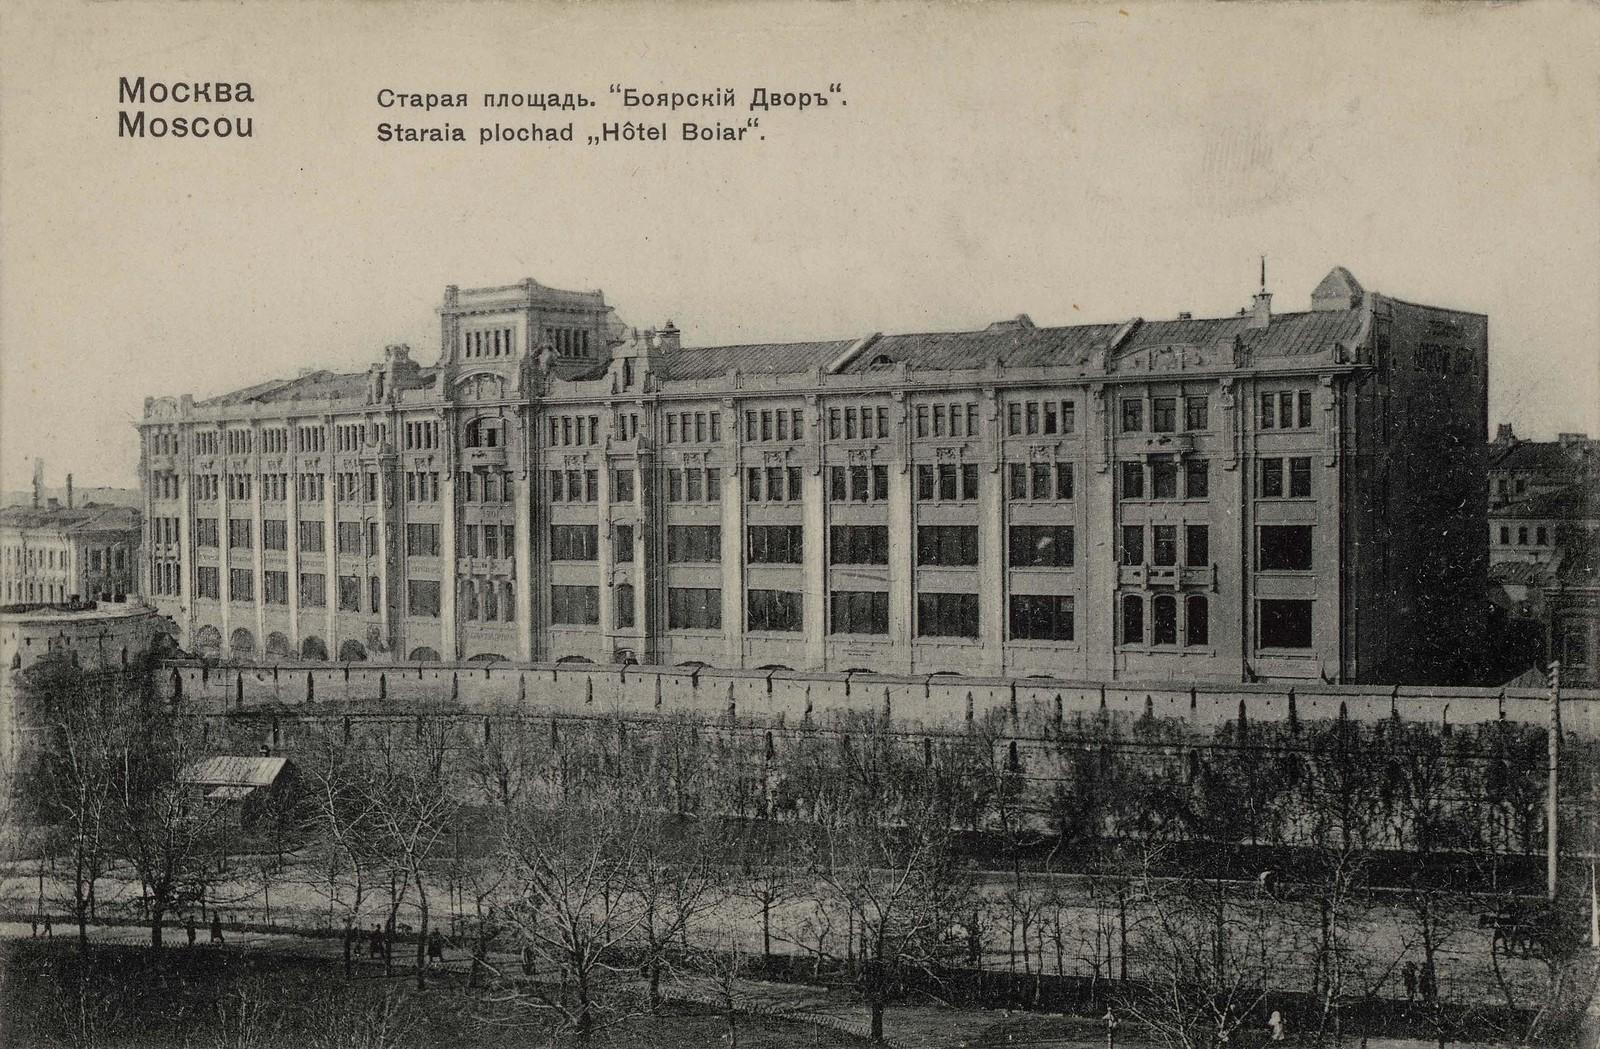 Гостиница «Боярский двор».Старая площадь